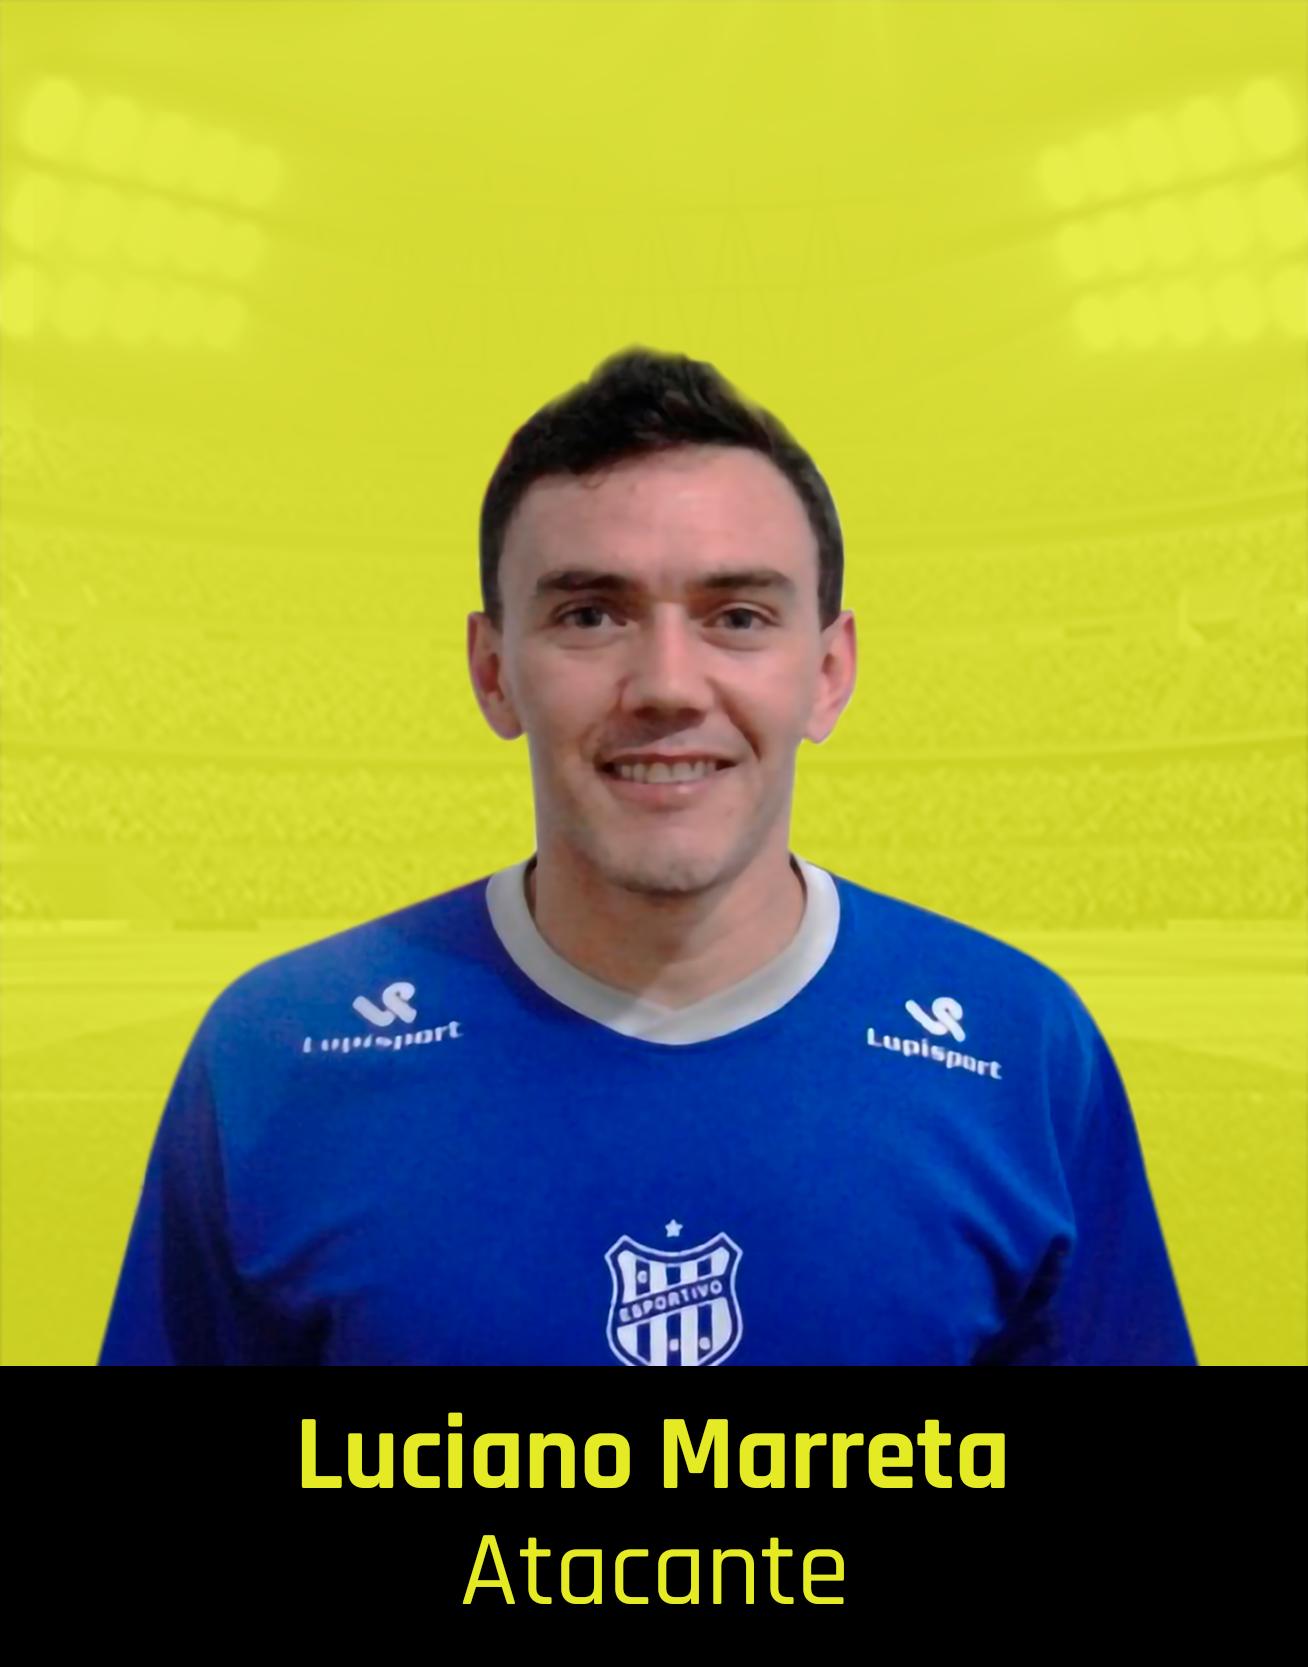 Luciano Marreta